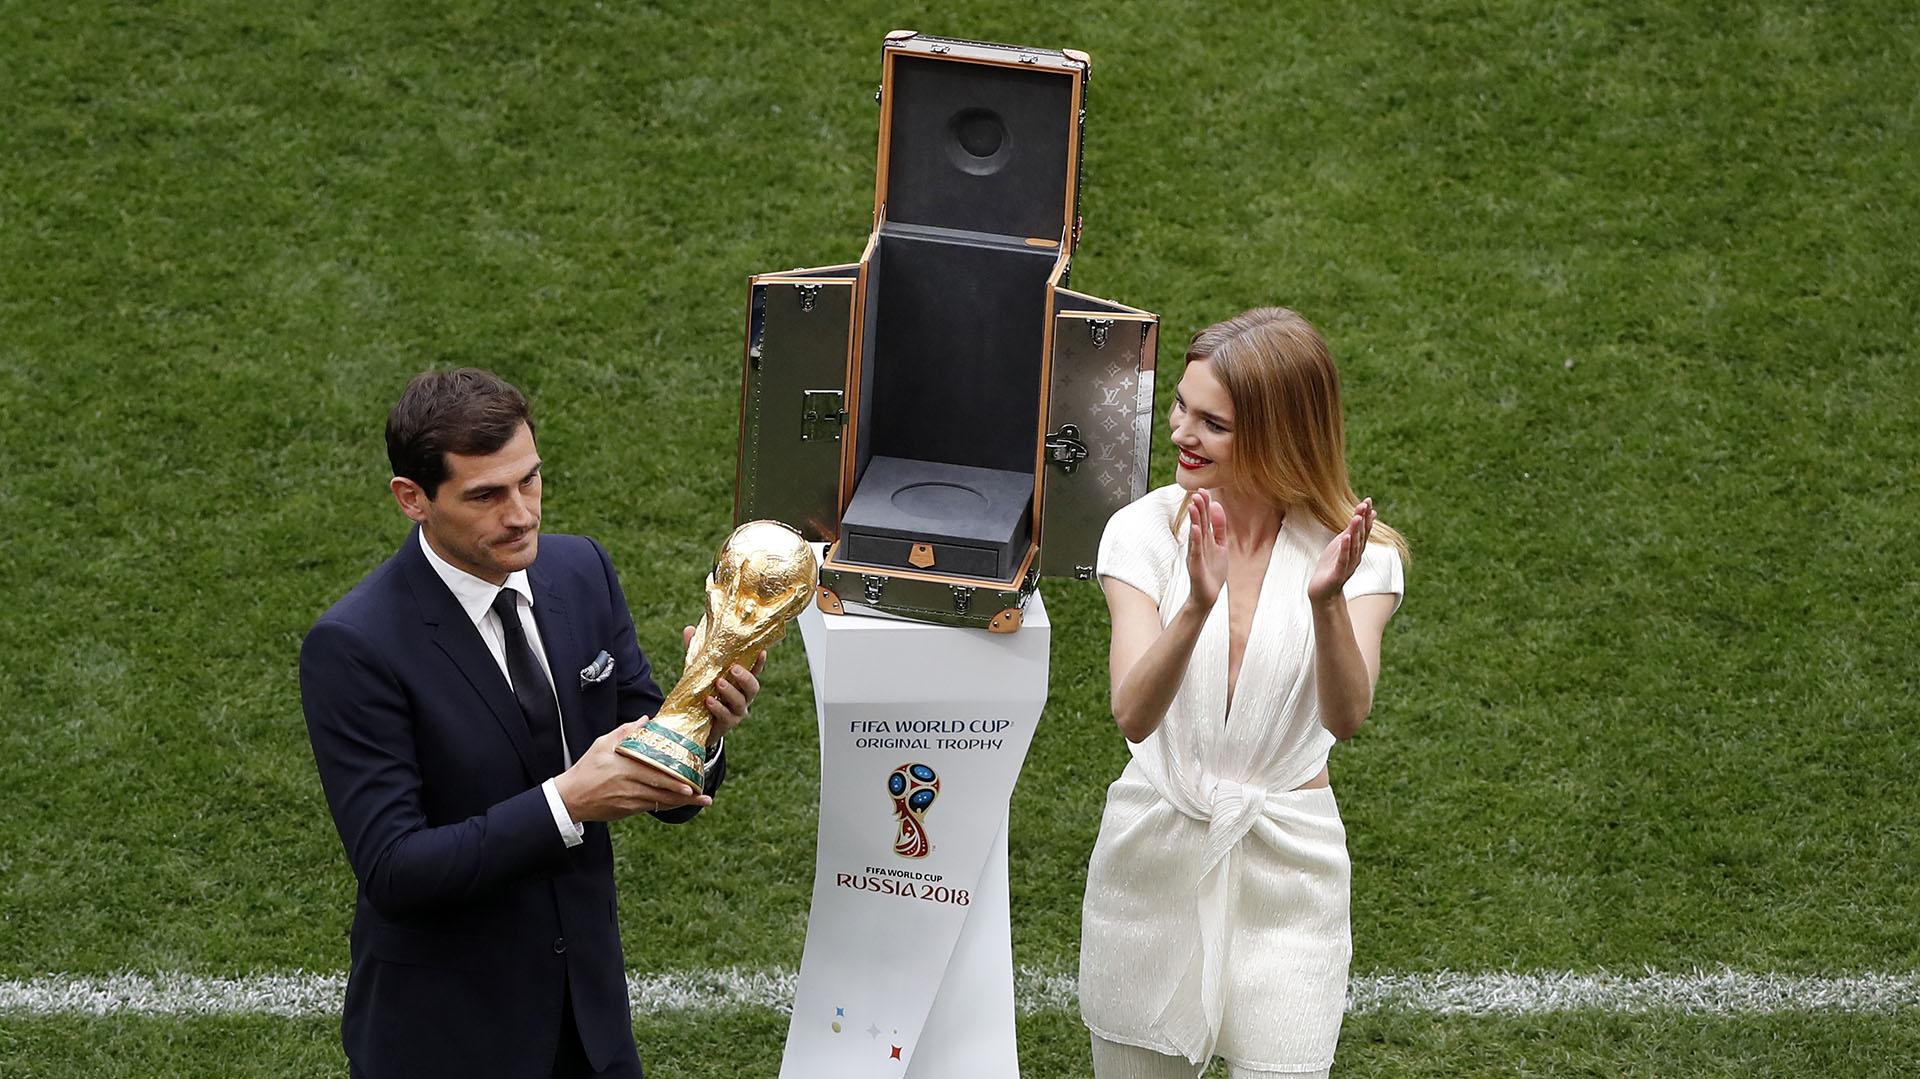 El ex arquero español Iker Casillas fue el encargado de presentar el trofeo junto a la modelo rusa Natalia Vodiónova. Ambos ingresaron al campo de juego con un cofre que exhibieron ante el público(AP Photo/Darko Bandic)